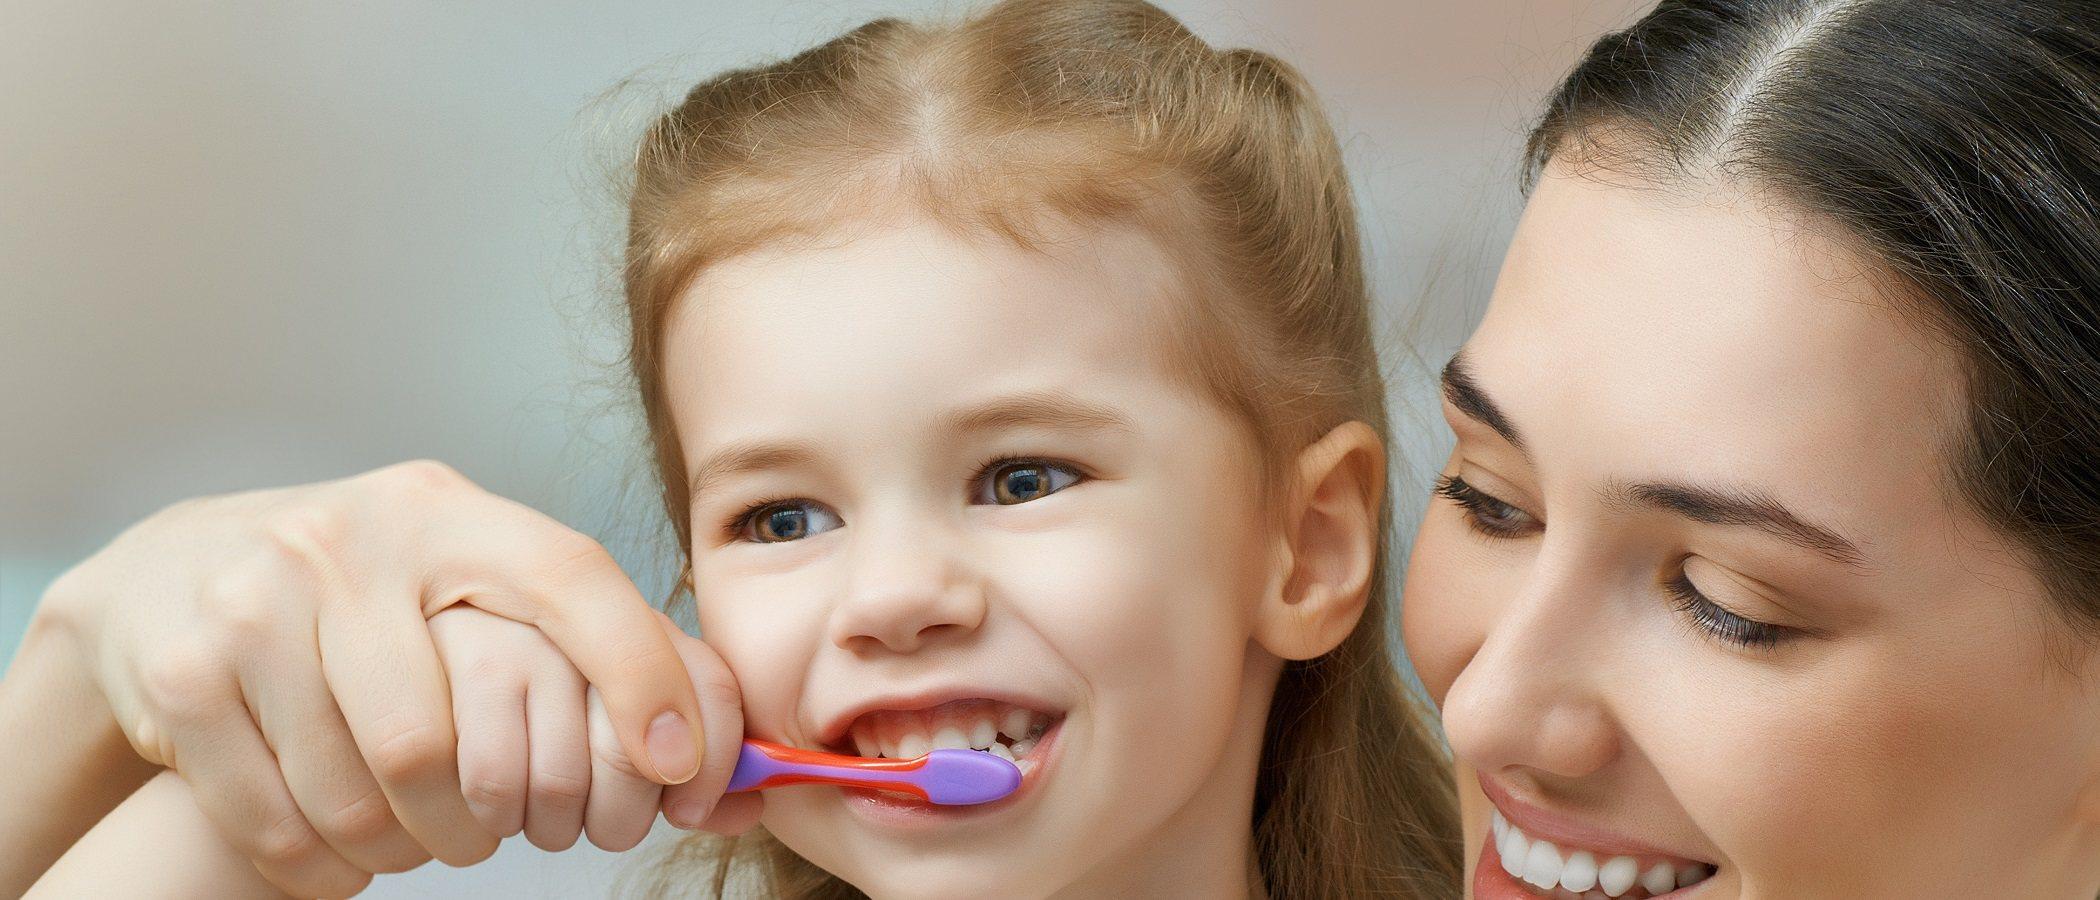 La importancia del flúor en la higiene bucal de los niños